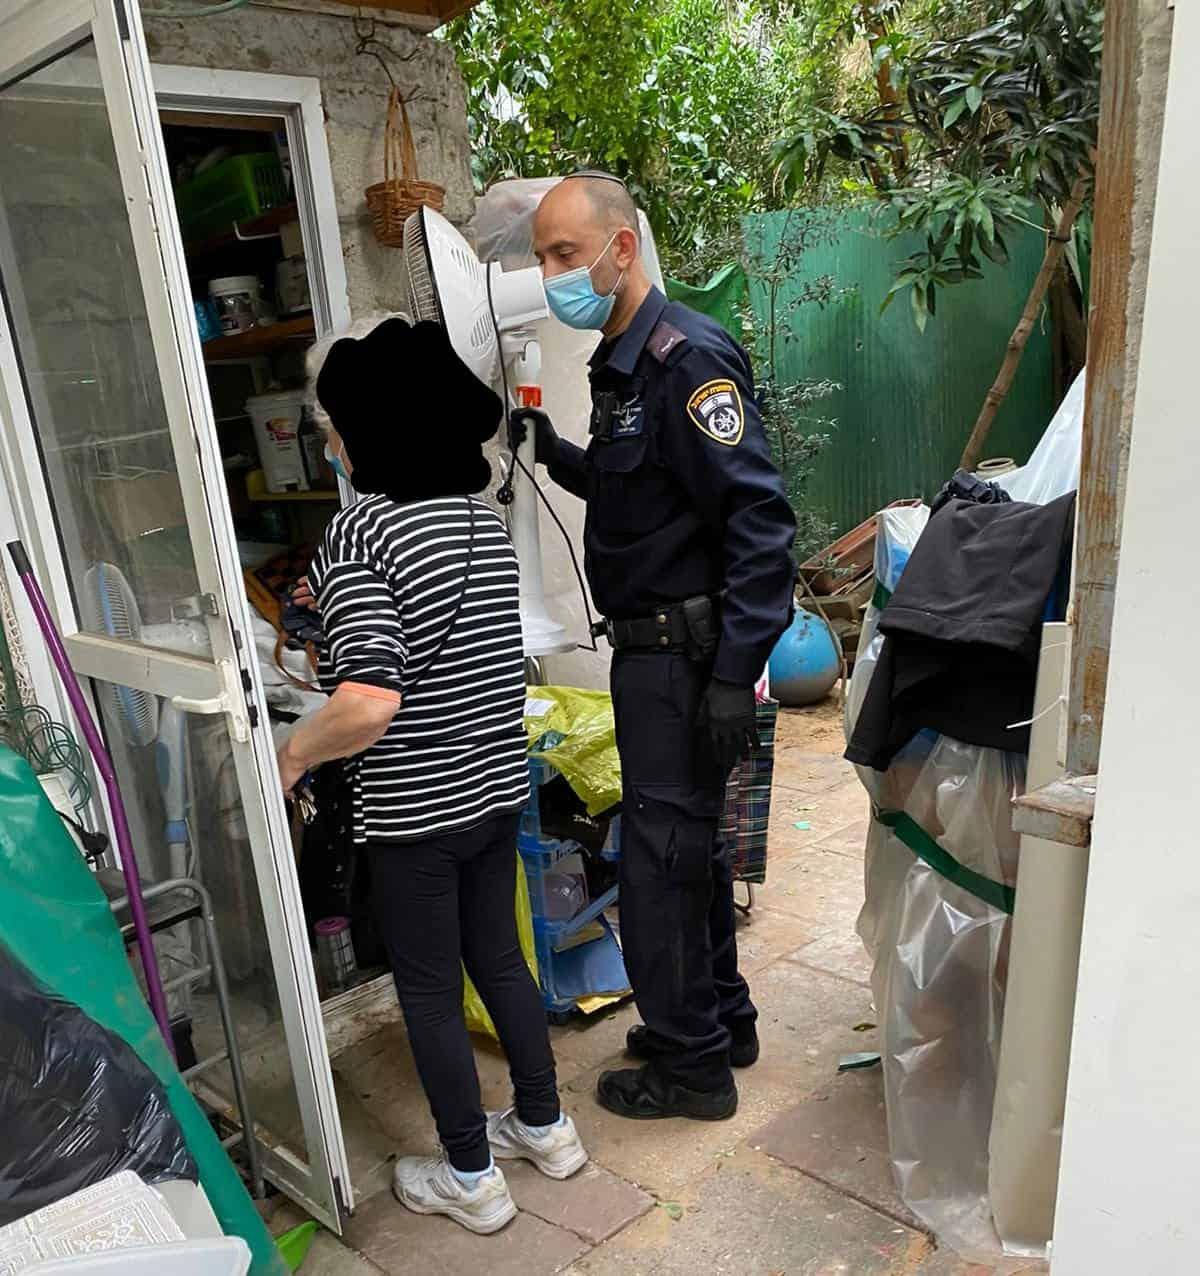 משטרה מסייעת לקשישה בגבעתיים